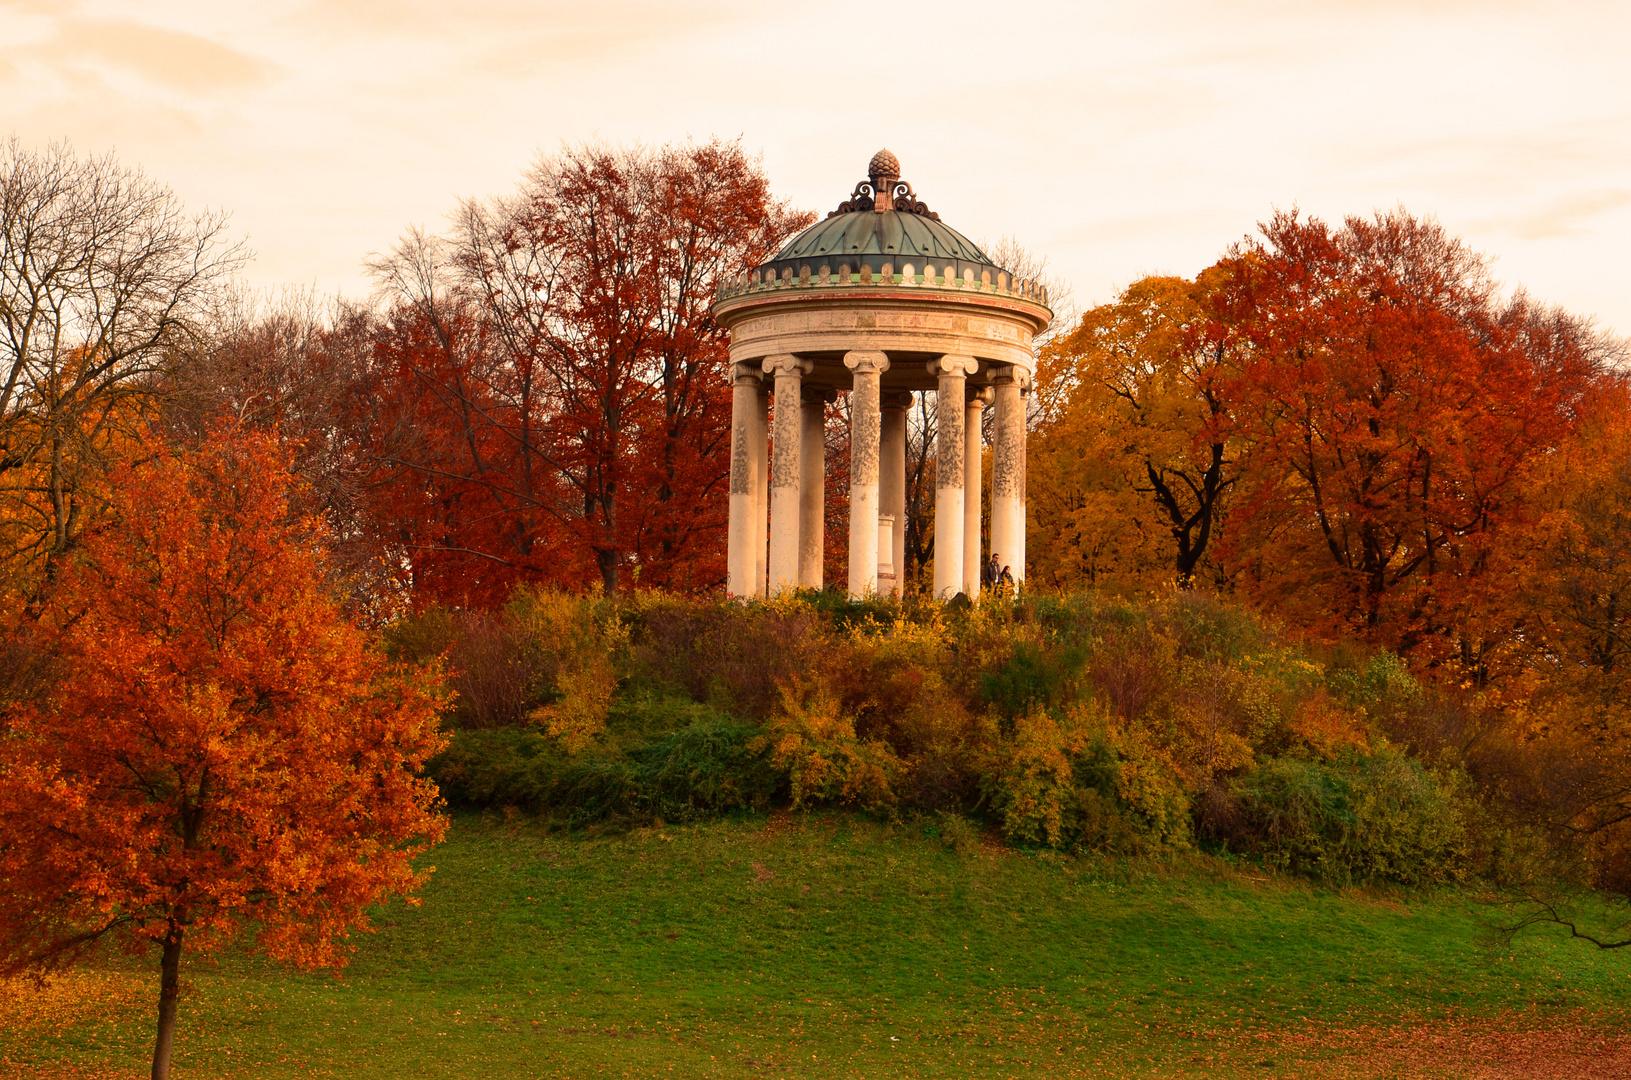 Herbst im englischen garten foto bild jahreszeiten herbst m nchen bilder auf fotocommunity - Herbst garten ...